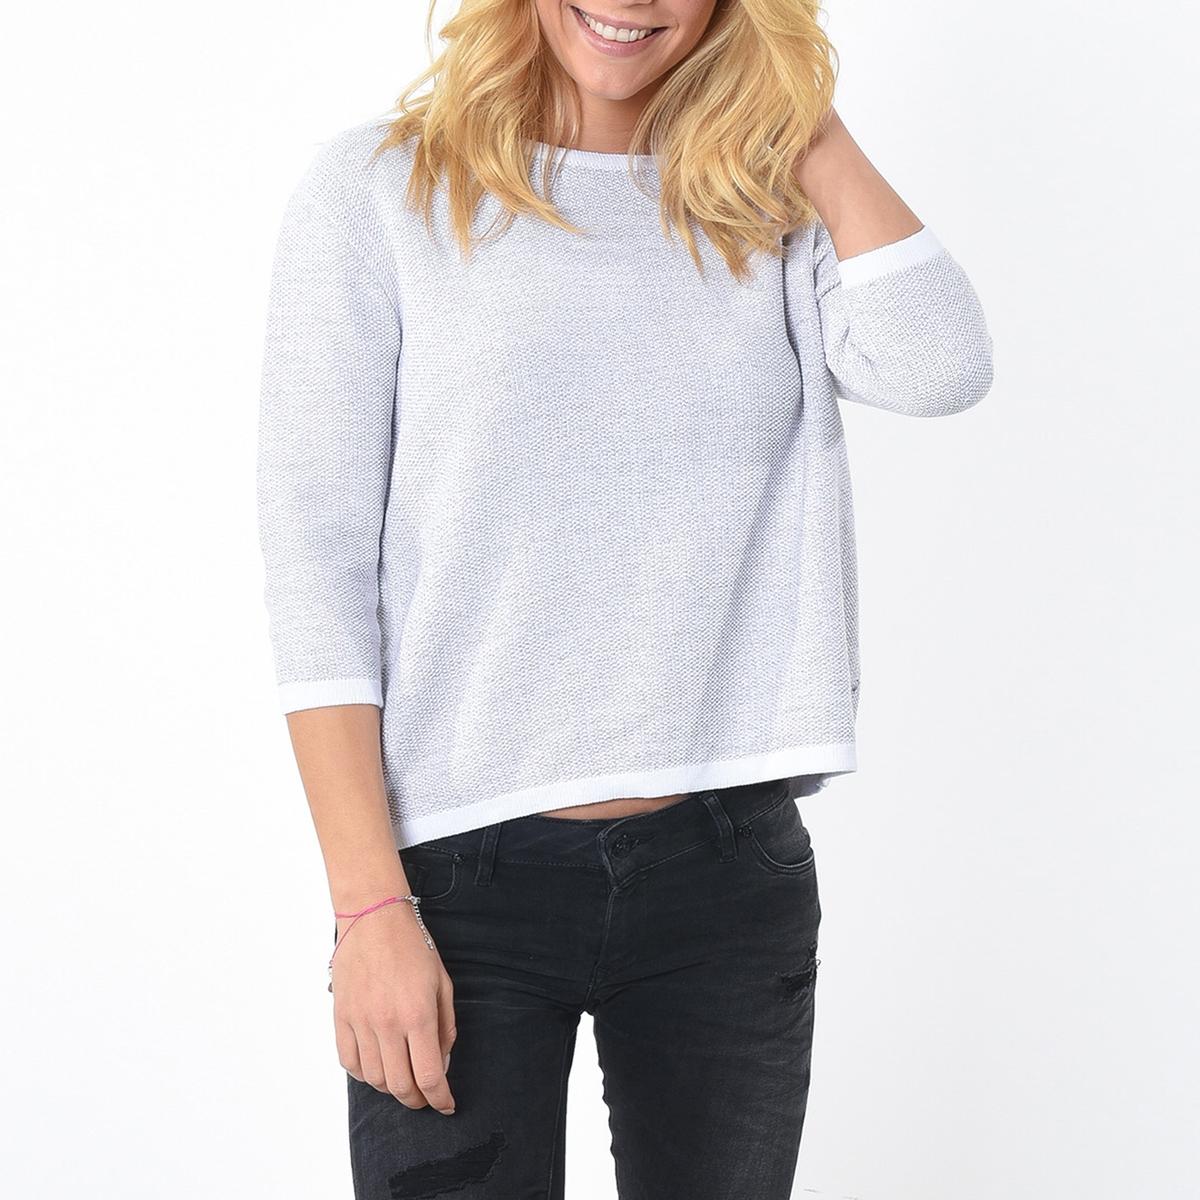 Пуловер с круглым вырезом из хлопкаМатериал : 100% хлопок Длина рукава : рукава 3/4 Форма воротника : круглый вырез Покрой пуловера : стандартный Рисунок : однотонная модель<br><br>Цвет: светло-серый